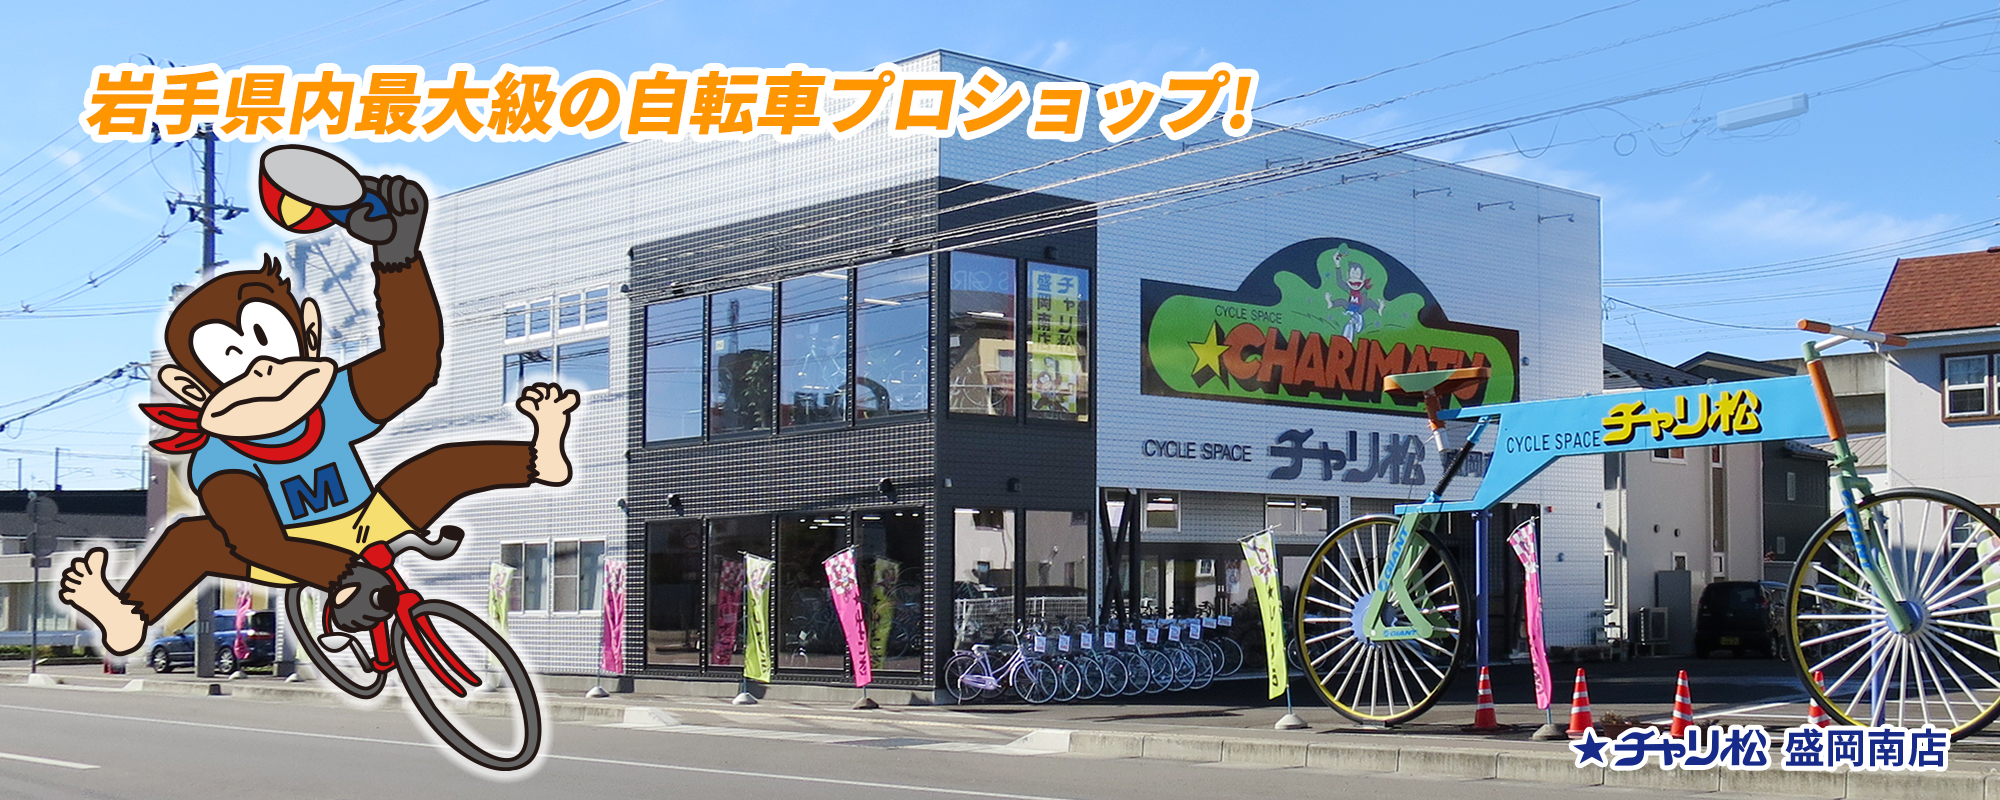 チャリ松 盛岡南店